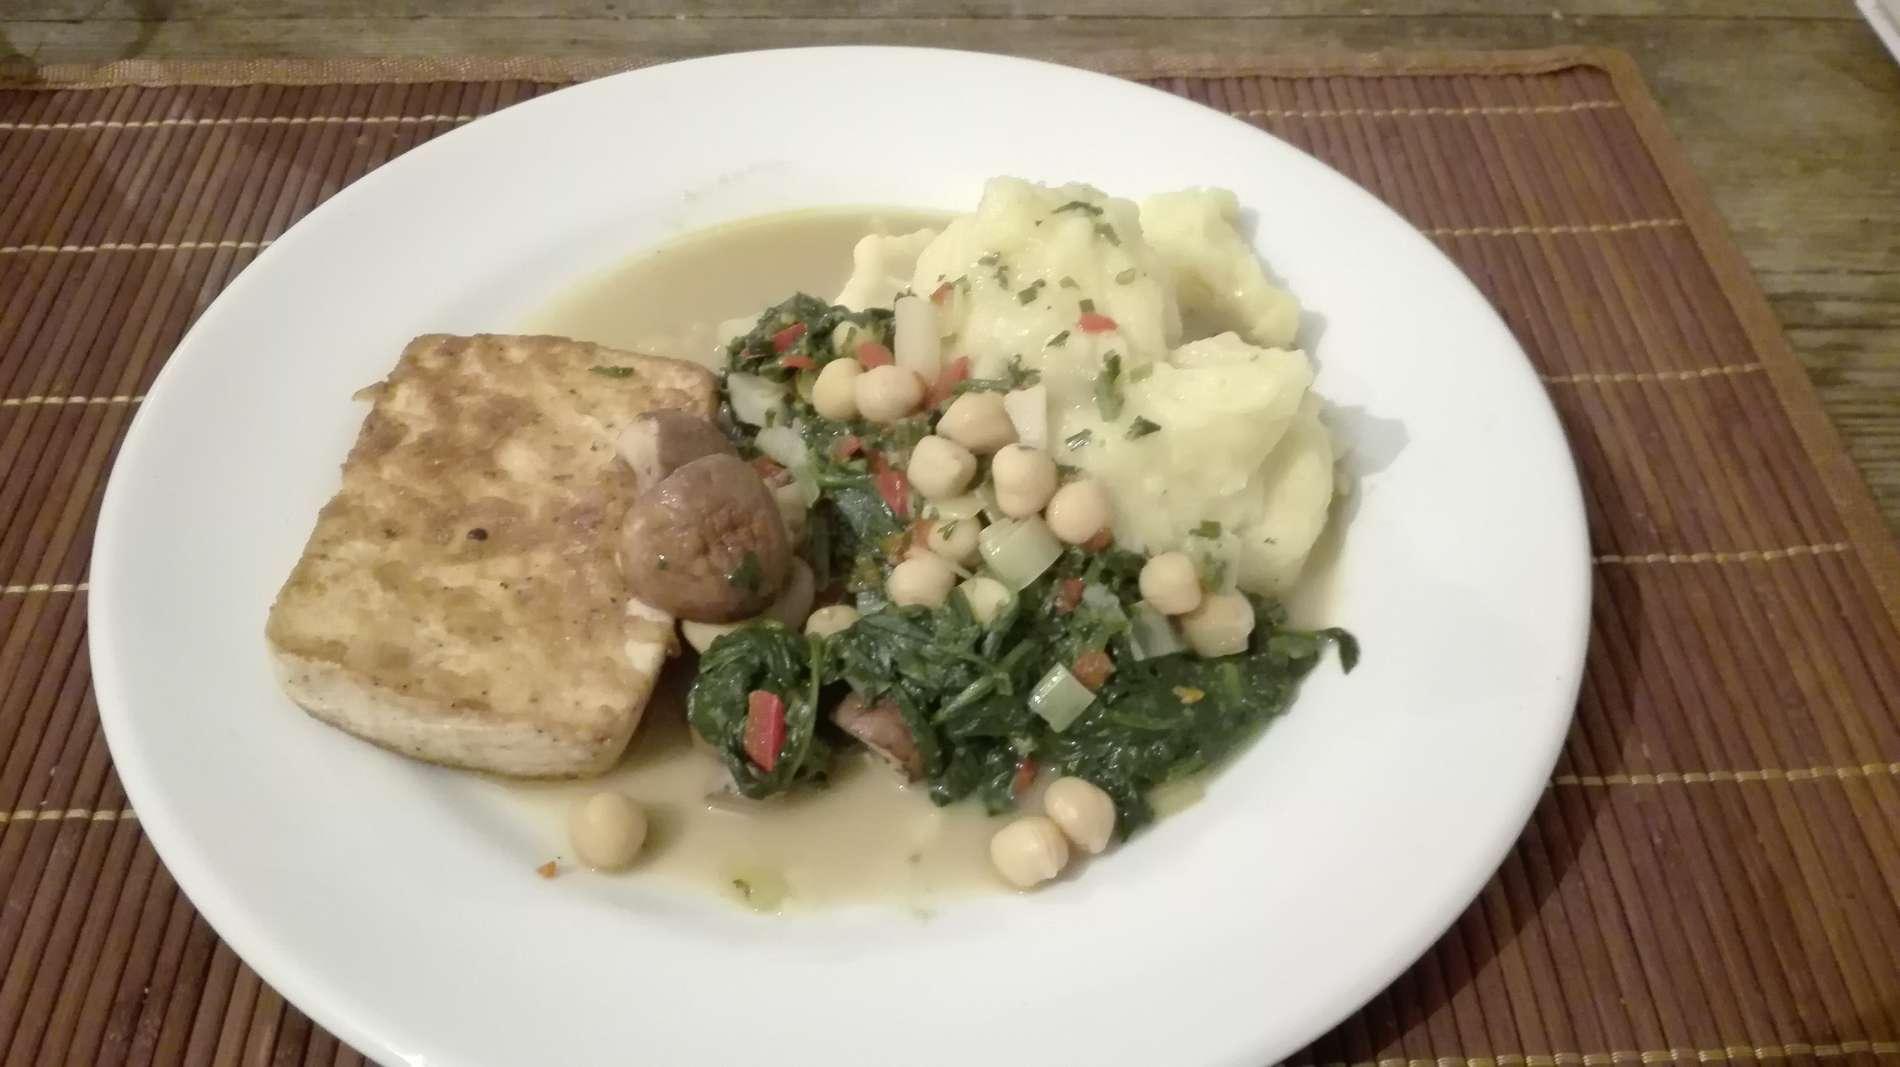 Tofusteak mit Püree und Gemüse